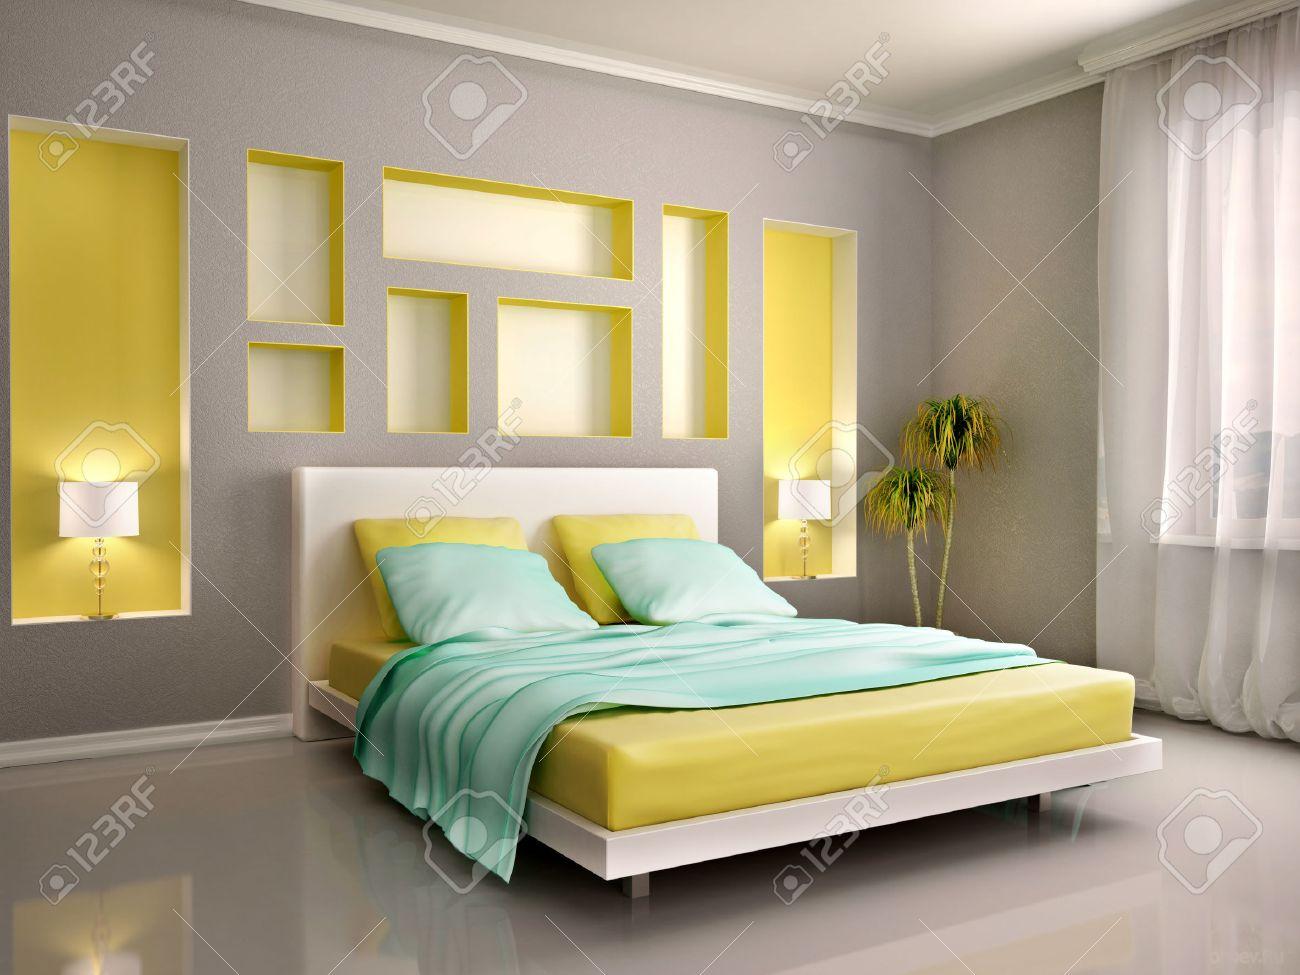 illustrazione 3d di interni moderni camera con letto giallo e